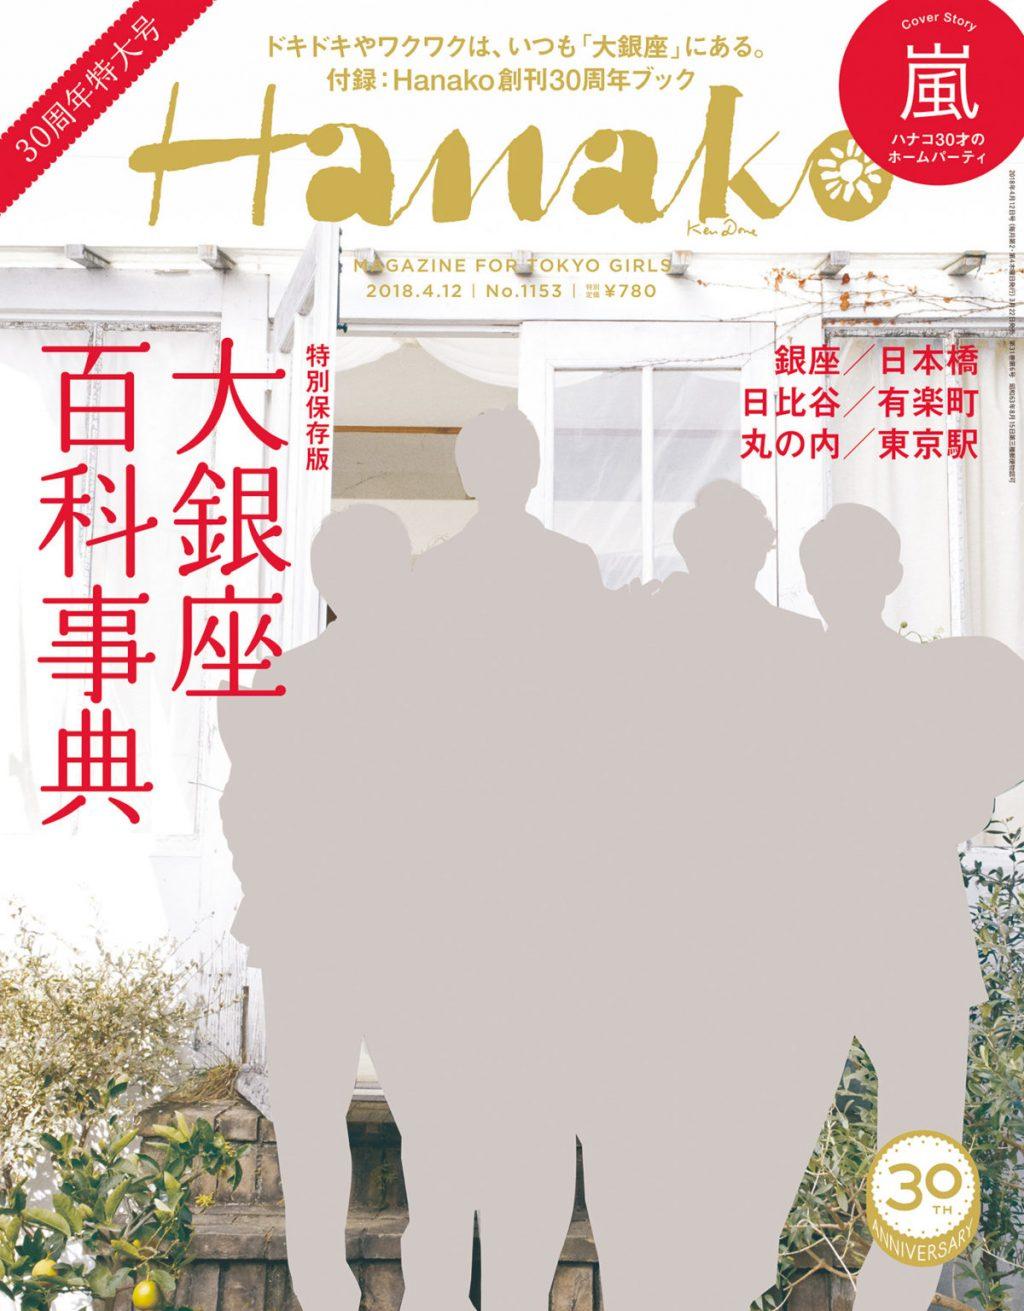 No. 1153 特別保存版大銀座百科事典